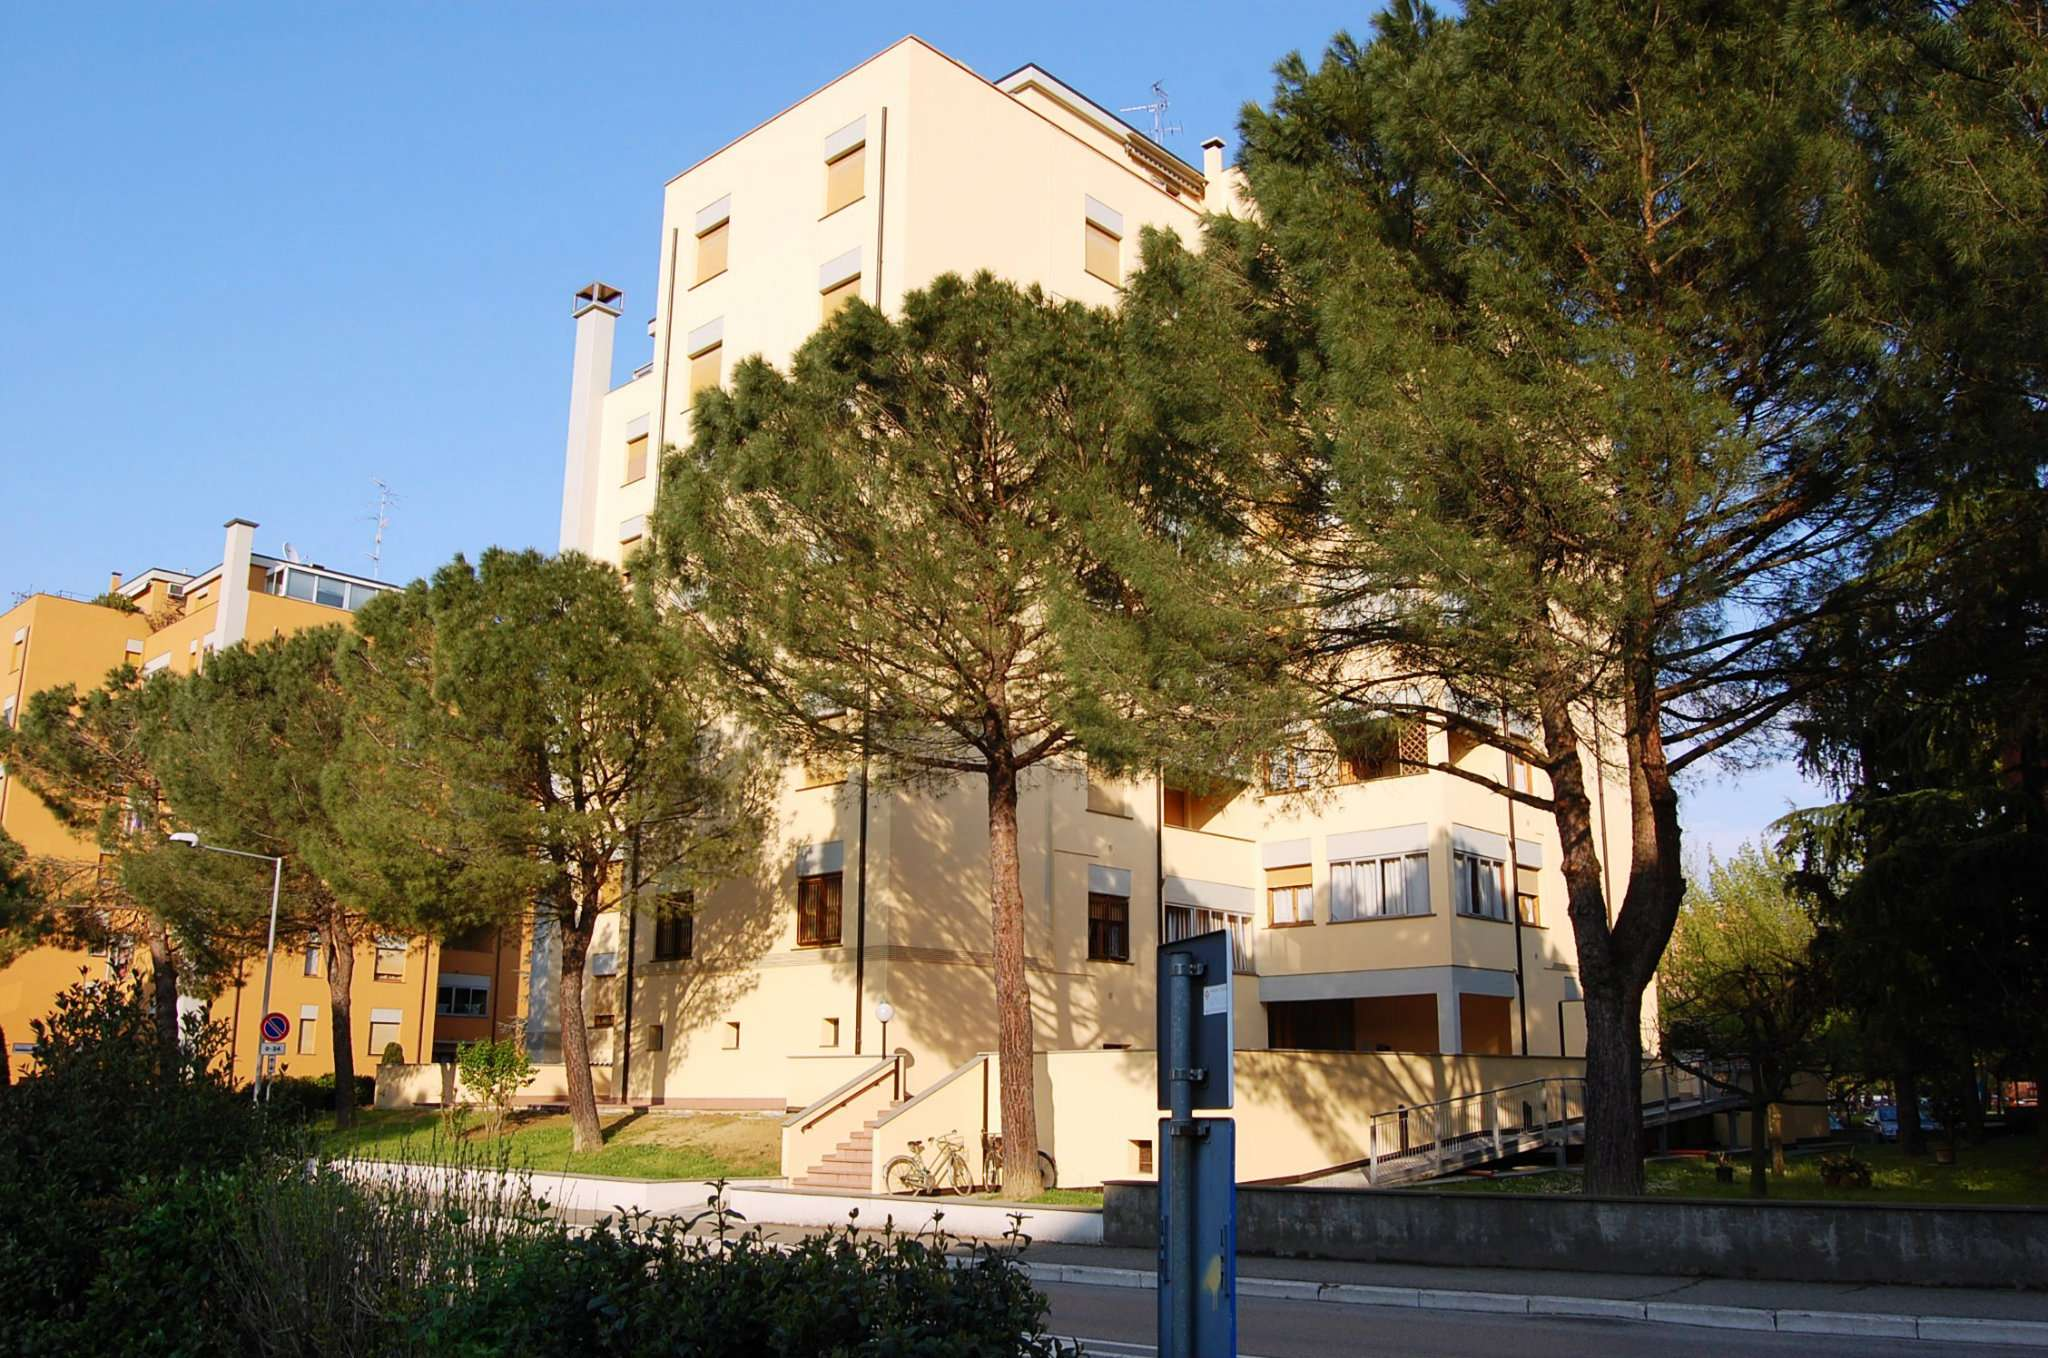 Appartamento in vendita a Imola, 4 locali, prezzo € 129.000 | CambioCasa.it